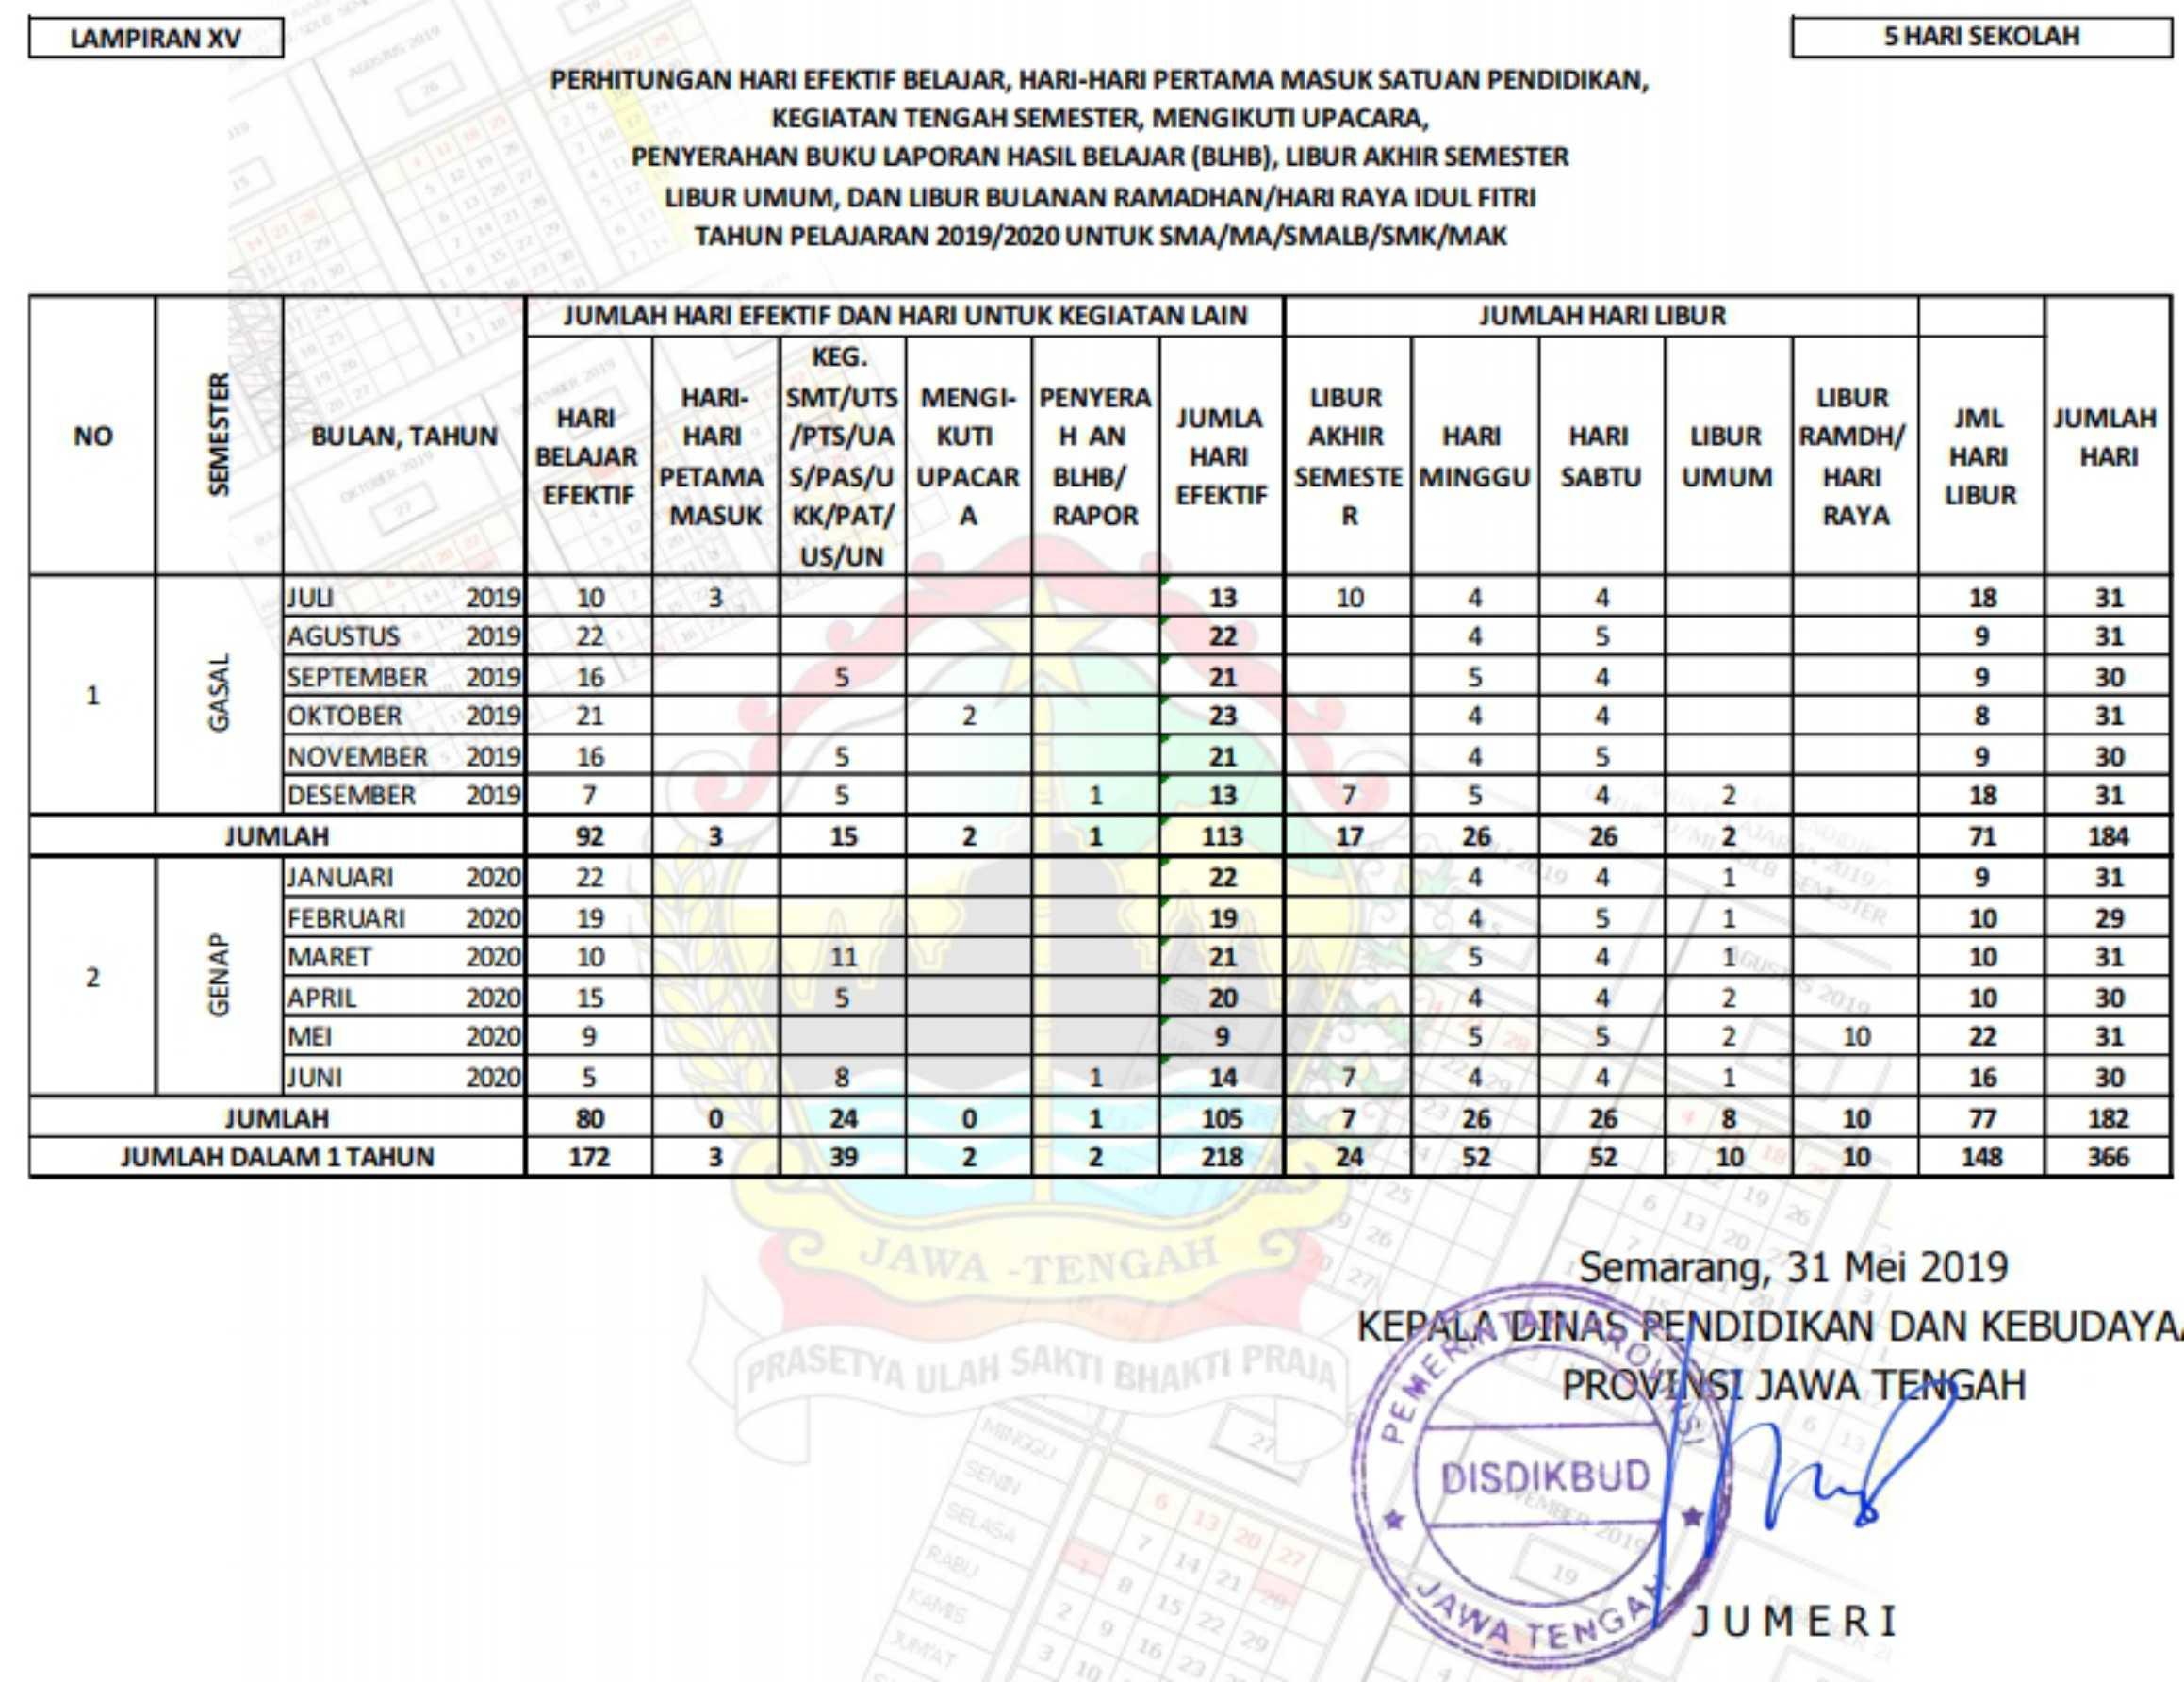 perhitungan hari efektif belajar dan libur tahun pelajaran 2019-2020 untuk SMA MA SMALB SMK MAK (5 hari sekolah)